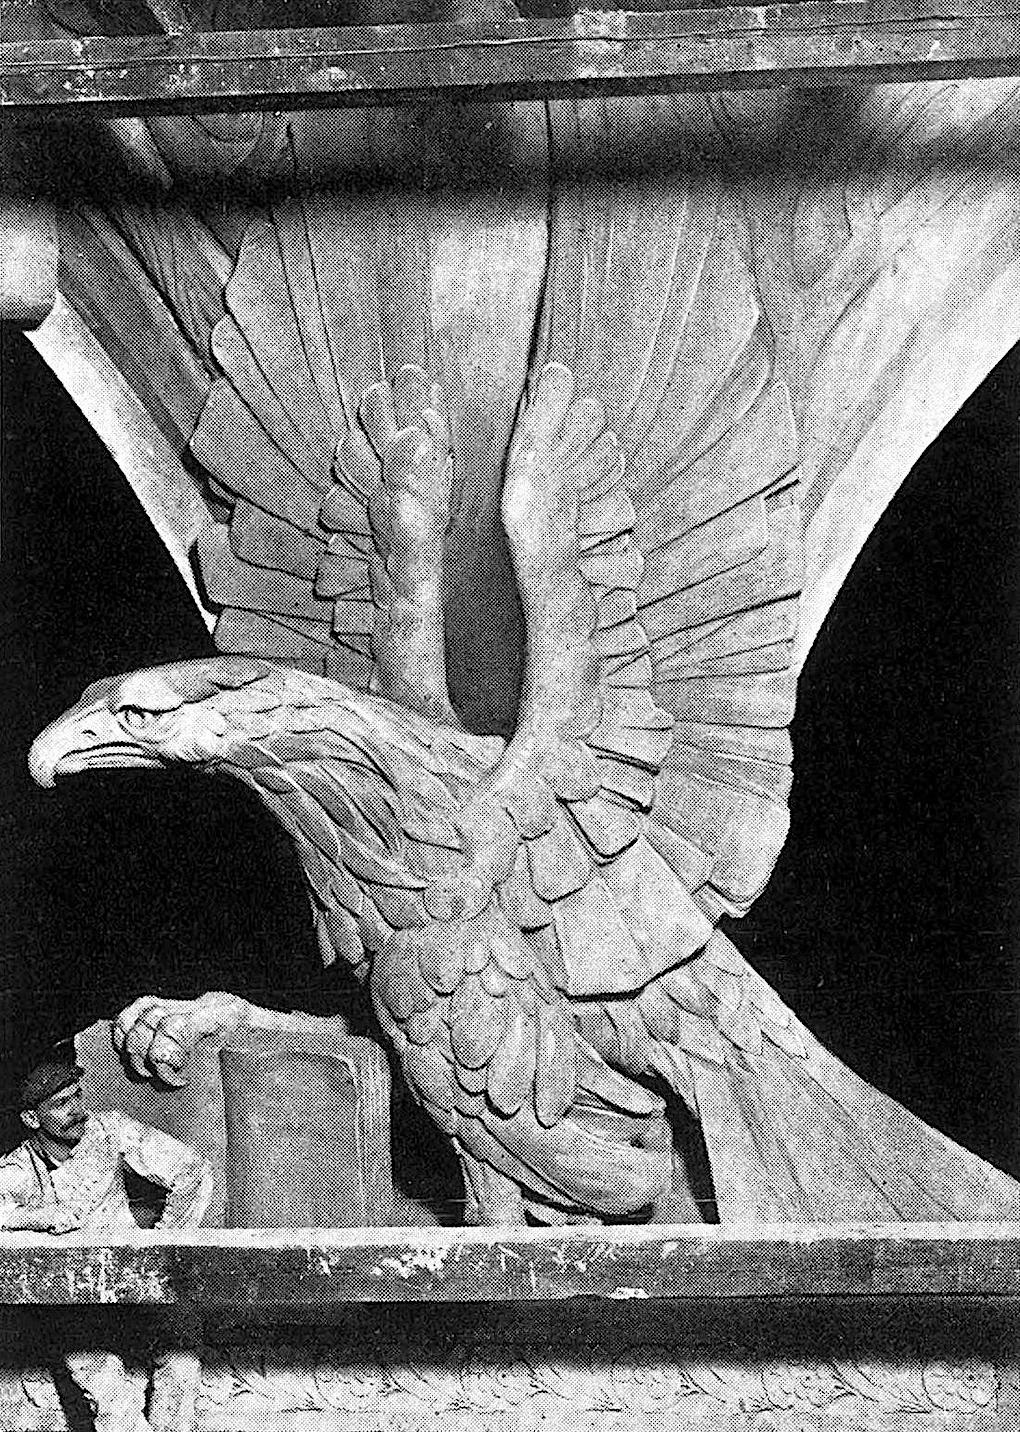 1901 German sculpture, a giant eagle